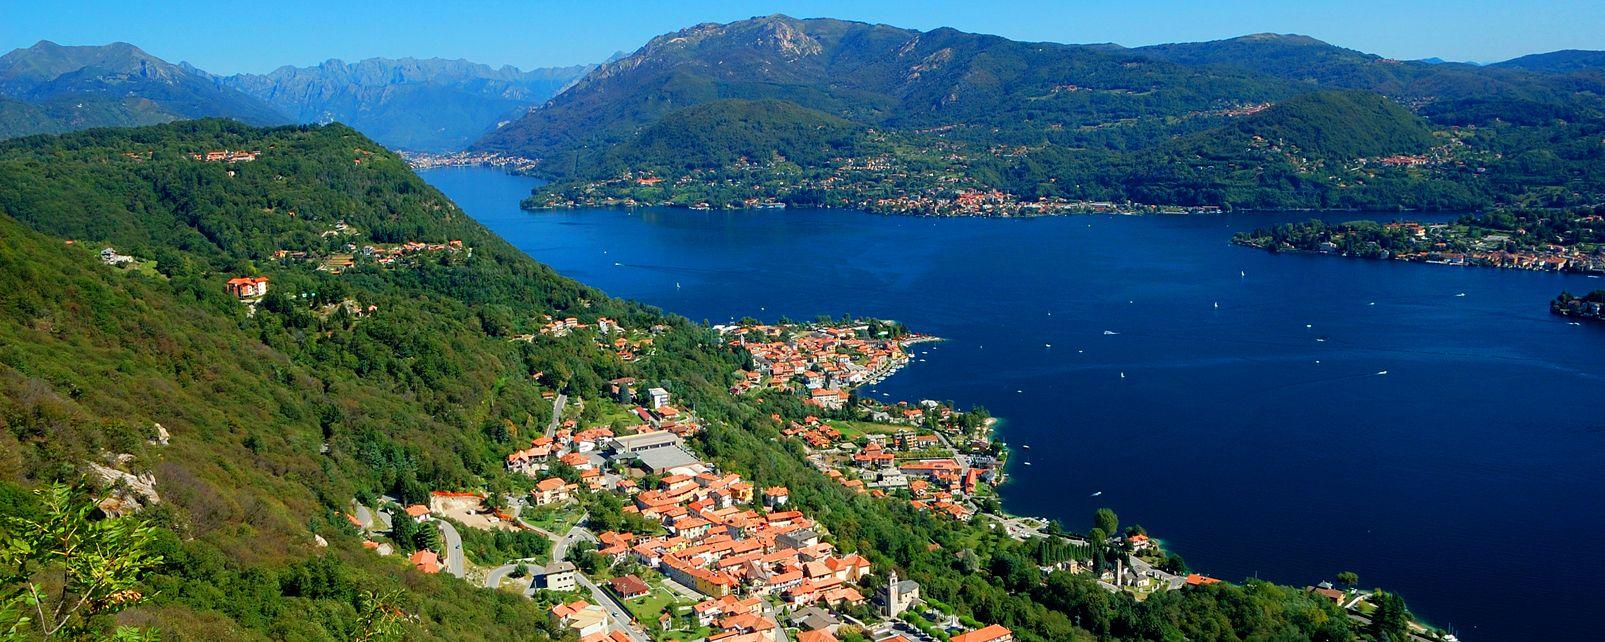 Le lac d'Orta , Italie